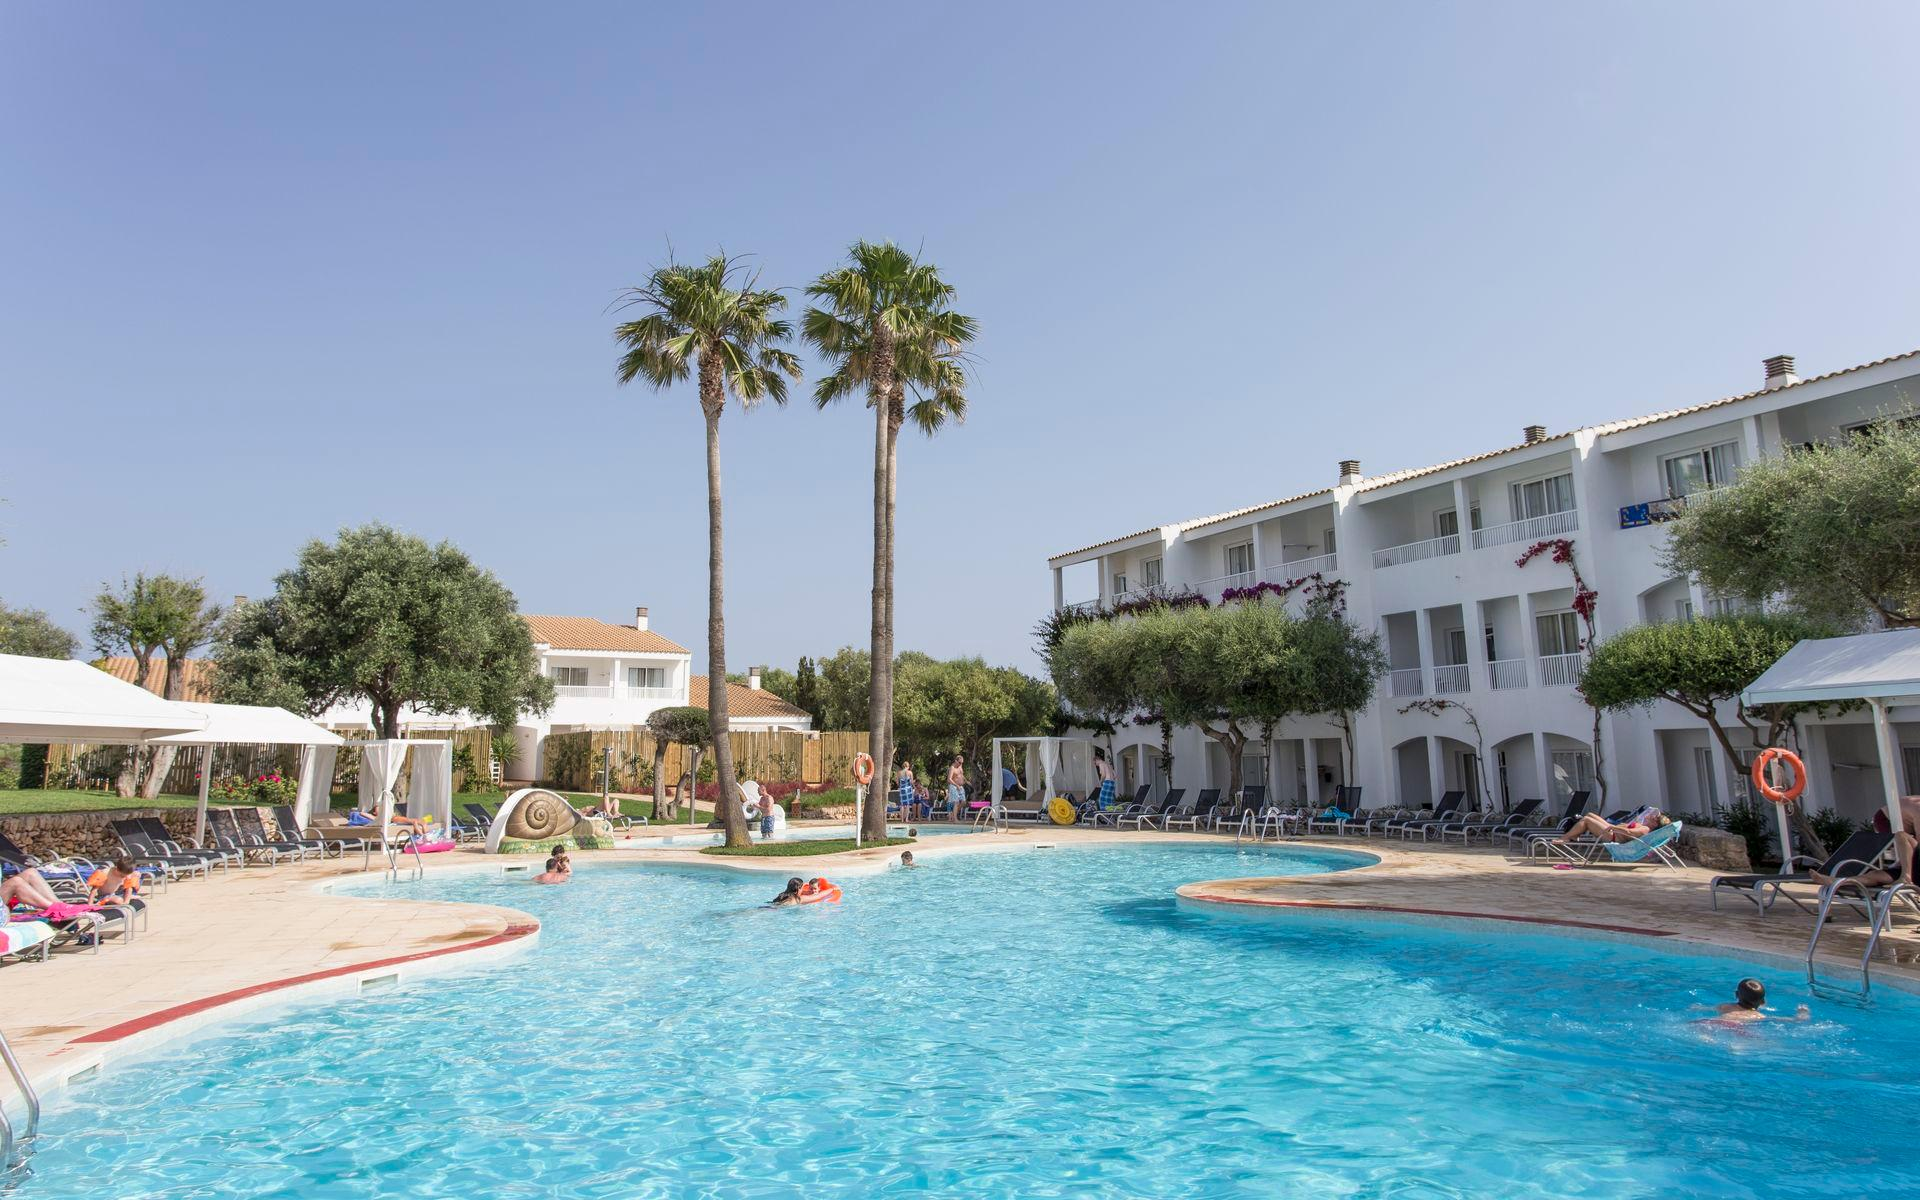 Prinsotel la caleta en ciutadella ciudadela menorca for Toallas piscina